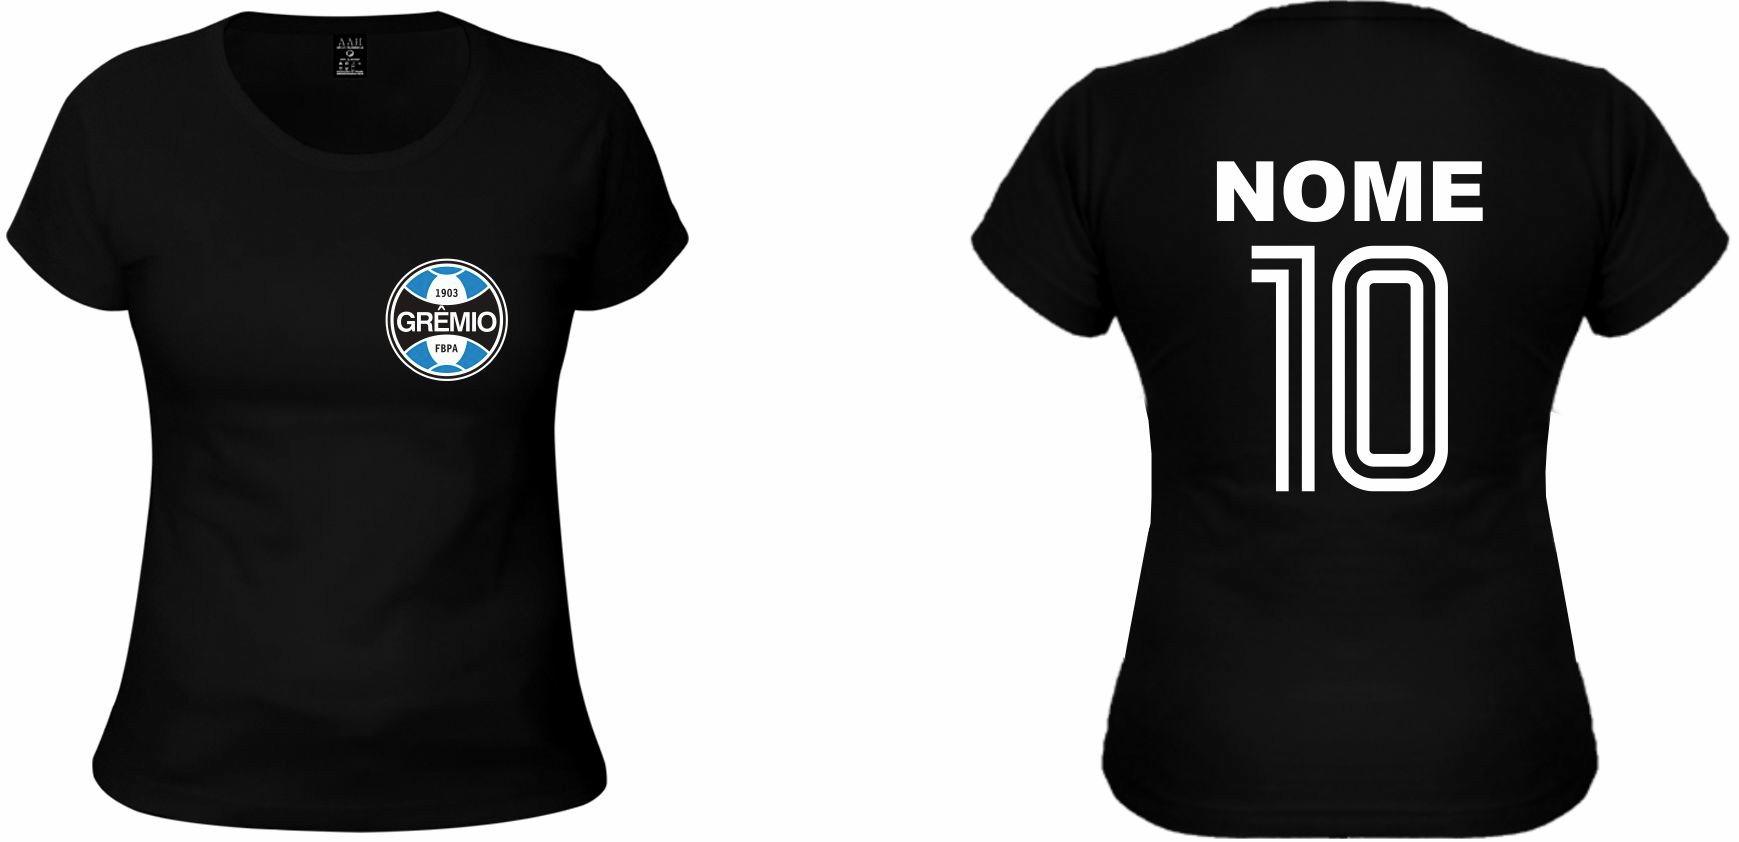 Camiseta Personalizada do Grêmio  925b0fe4e4874